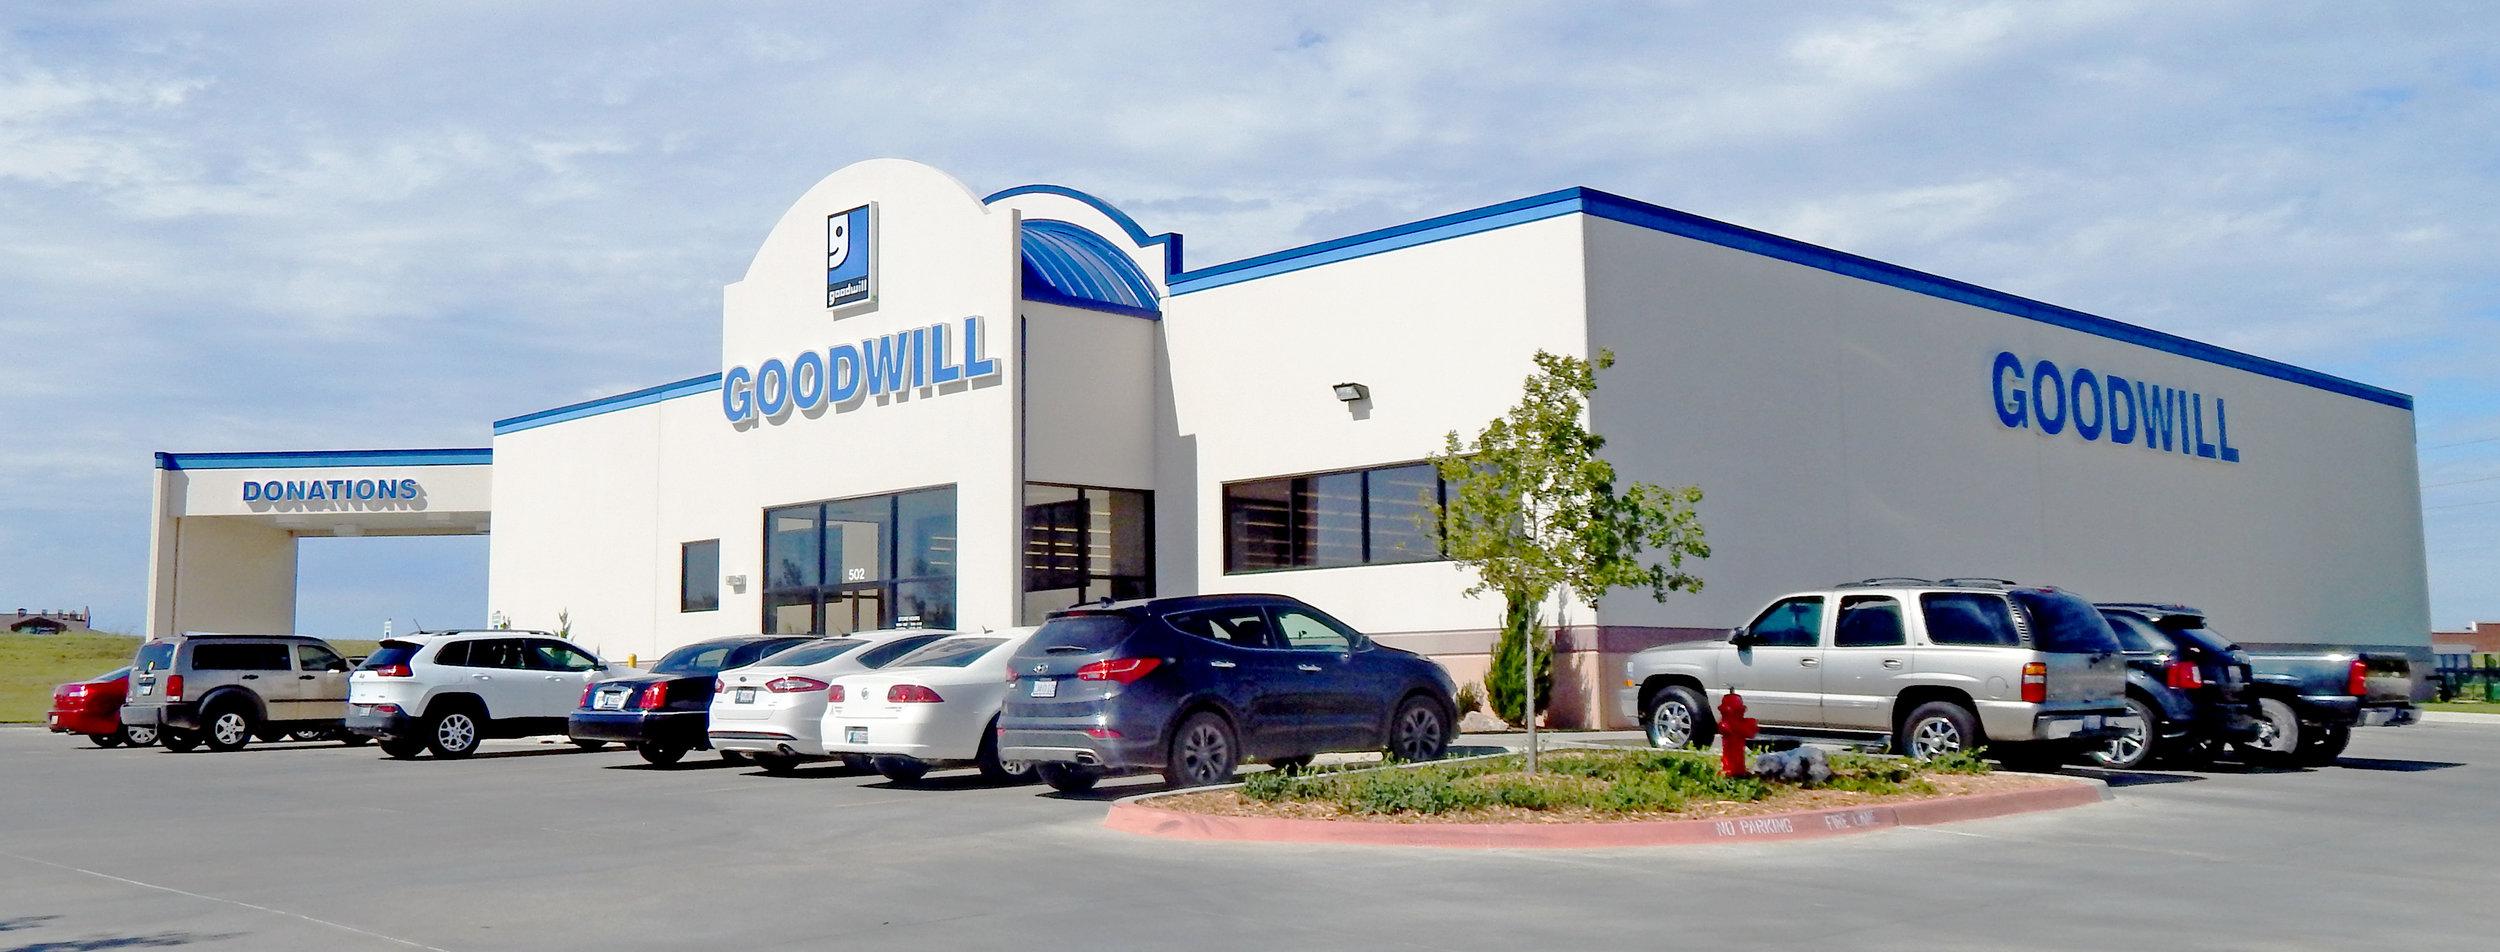 Goodwill-Glenpool-1.jpg